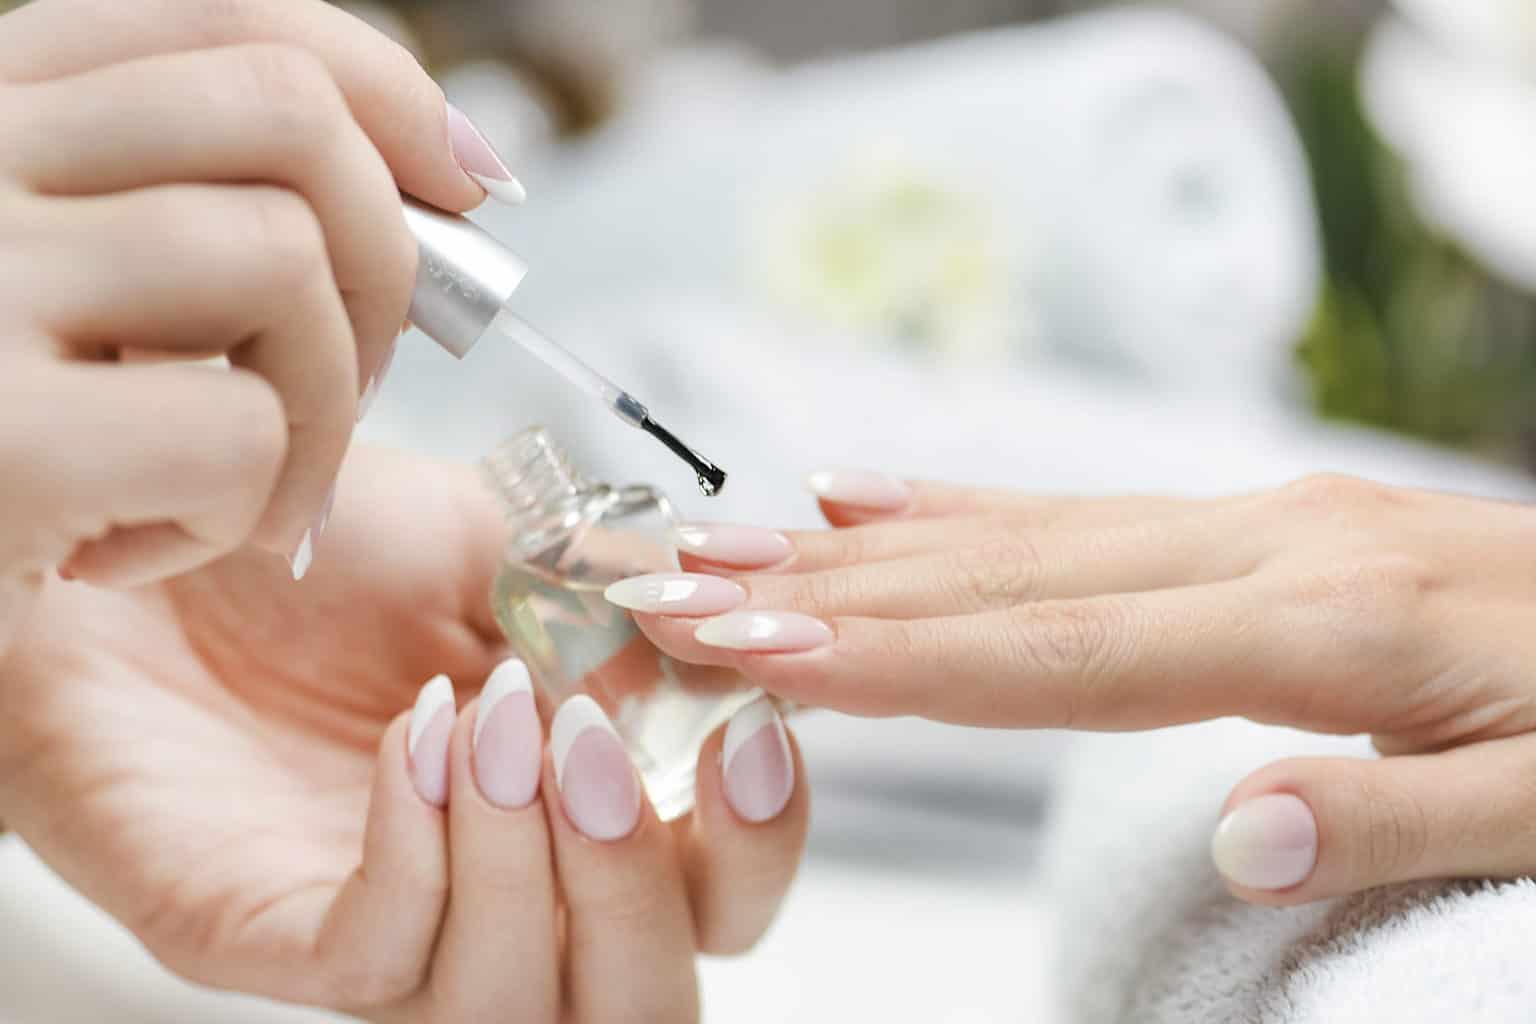 oliwki zapachowe do paznokci